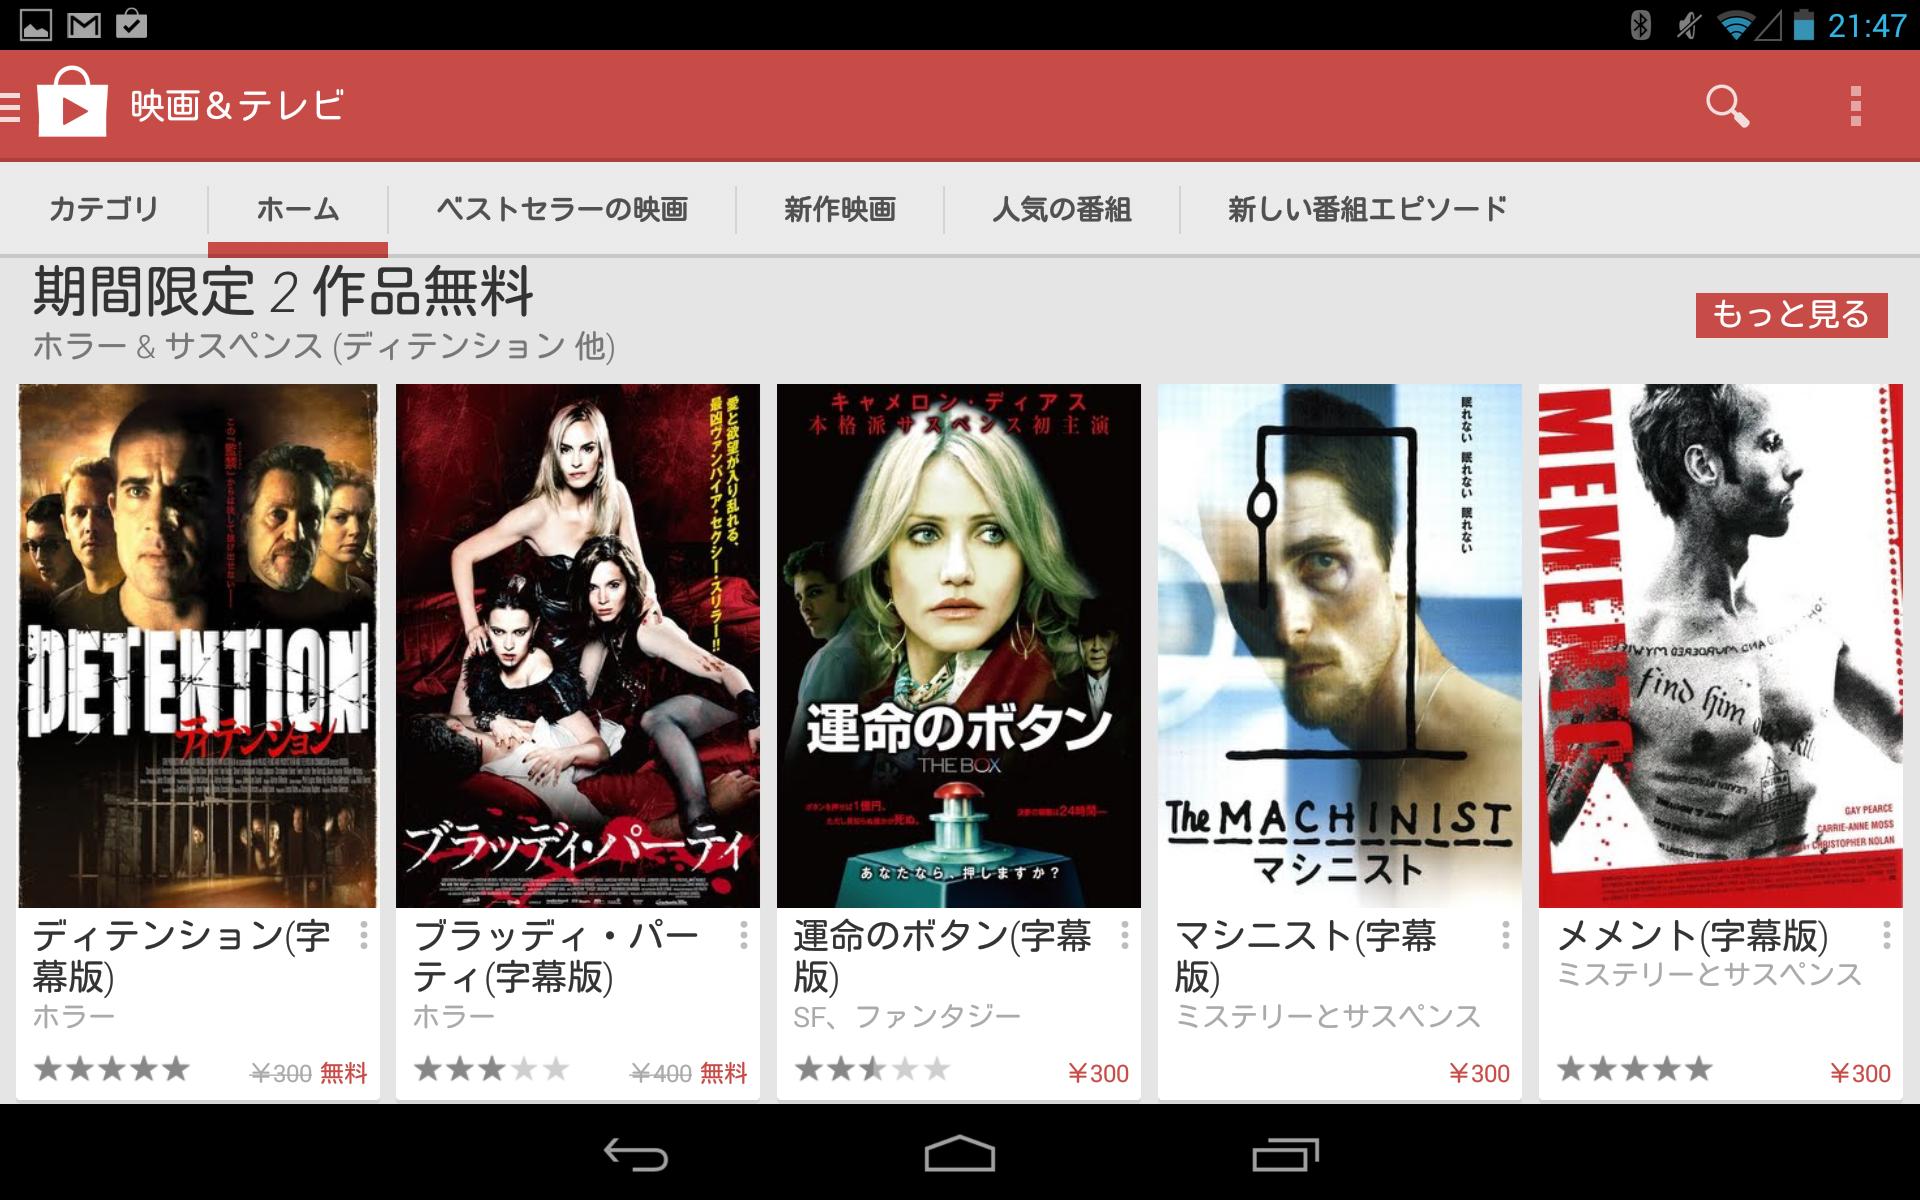 Google Playストアにて映画2本の無料レンタルキャンペーンが開催中!